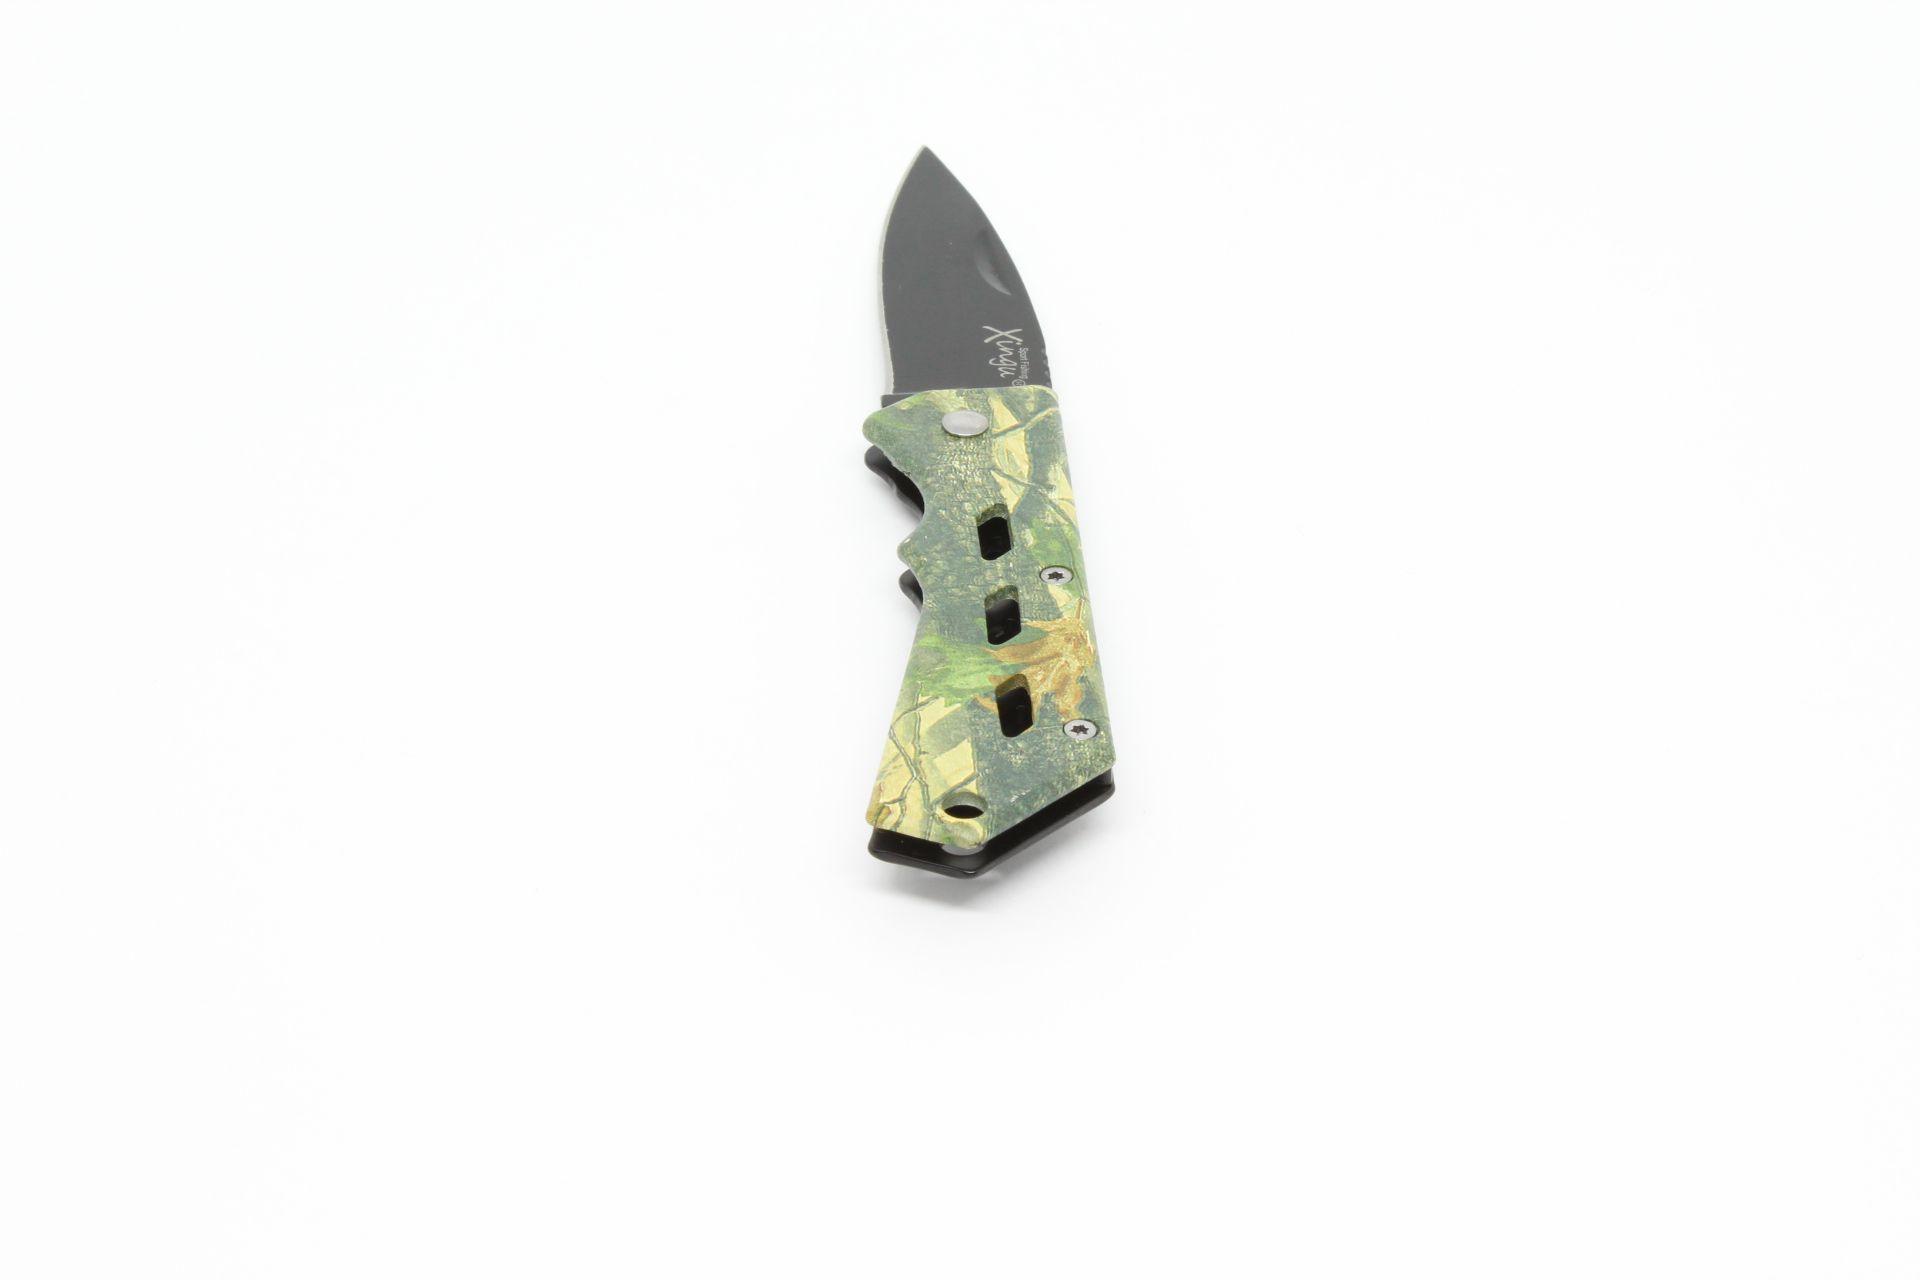 Canivete Xingu XV3140 - Cabo Metal Camuflado  - Life Pesca - Sua loja de Pesca, Camping e Lazer